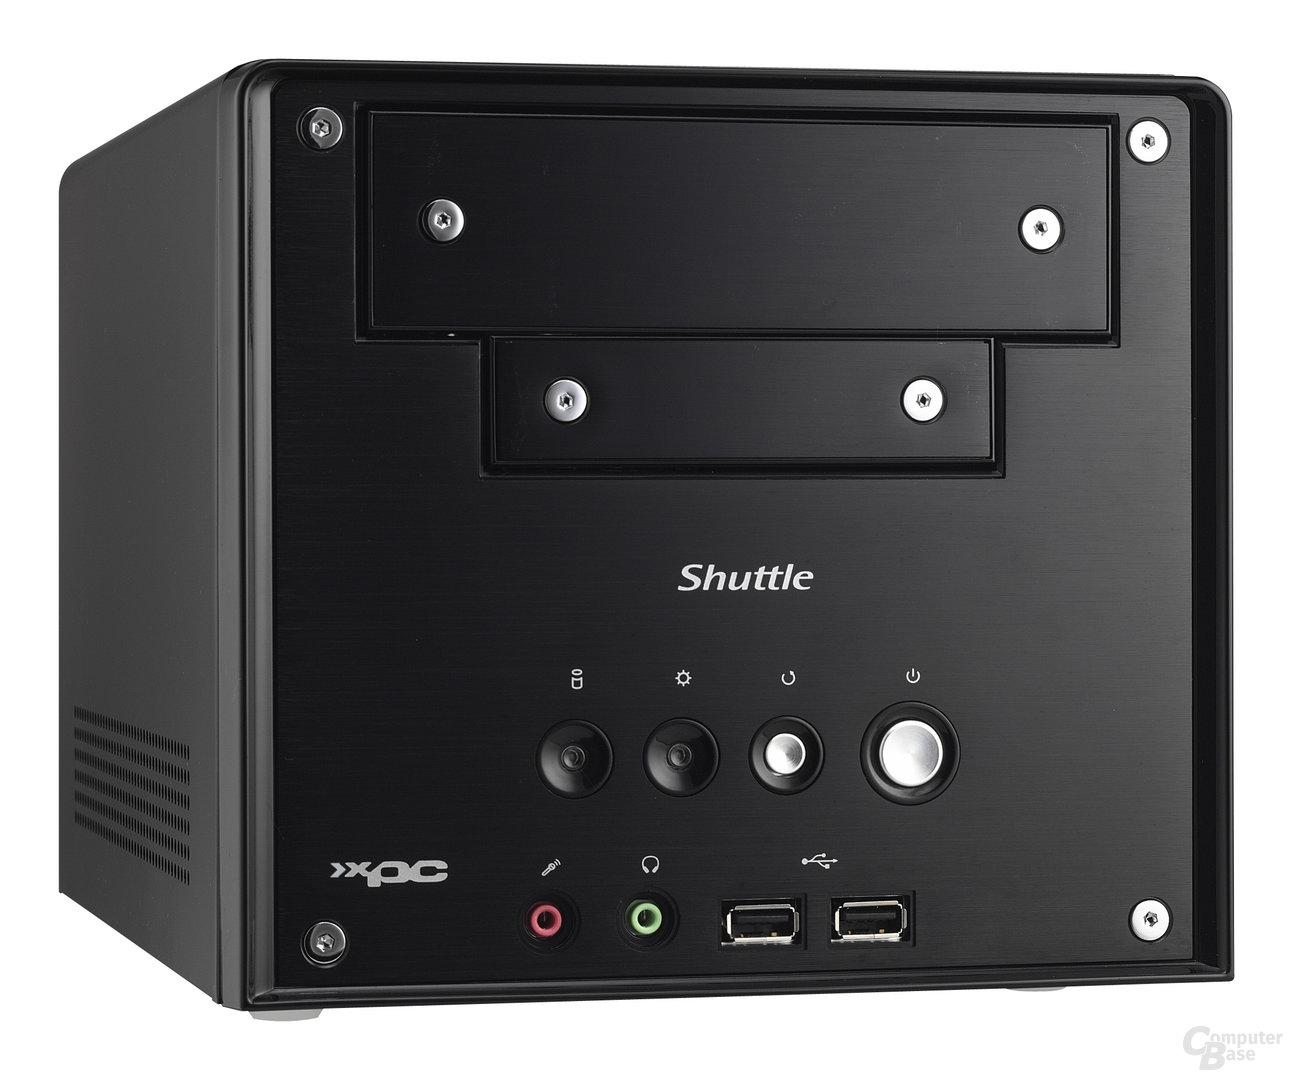 Shuttle XPC Barebone SA76G2